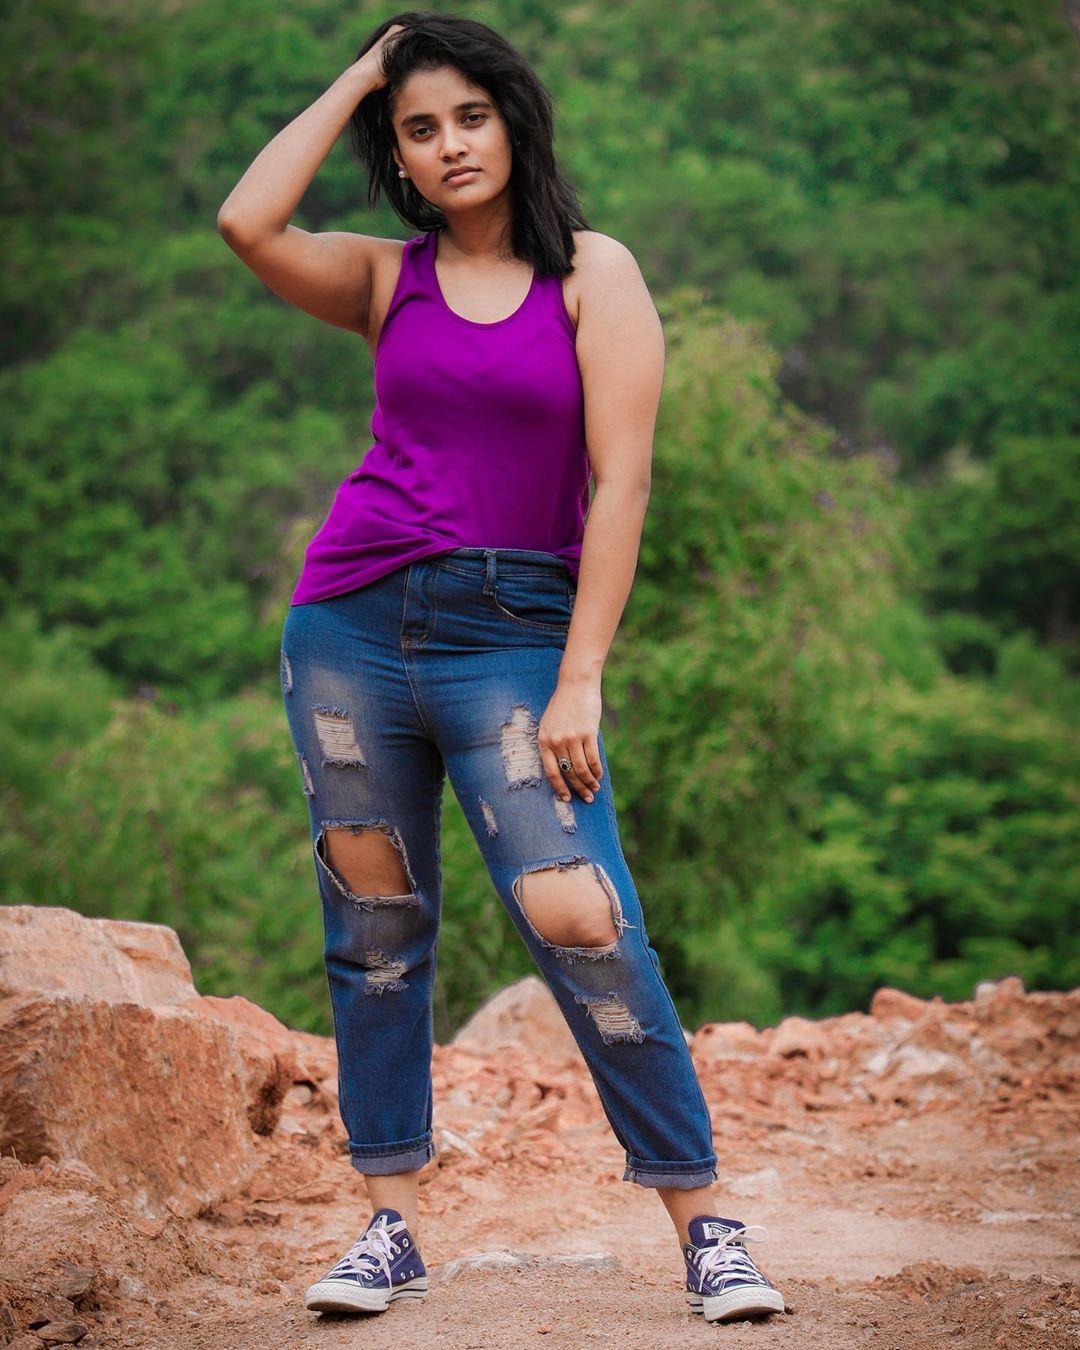 Soumya Shetty New Photos